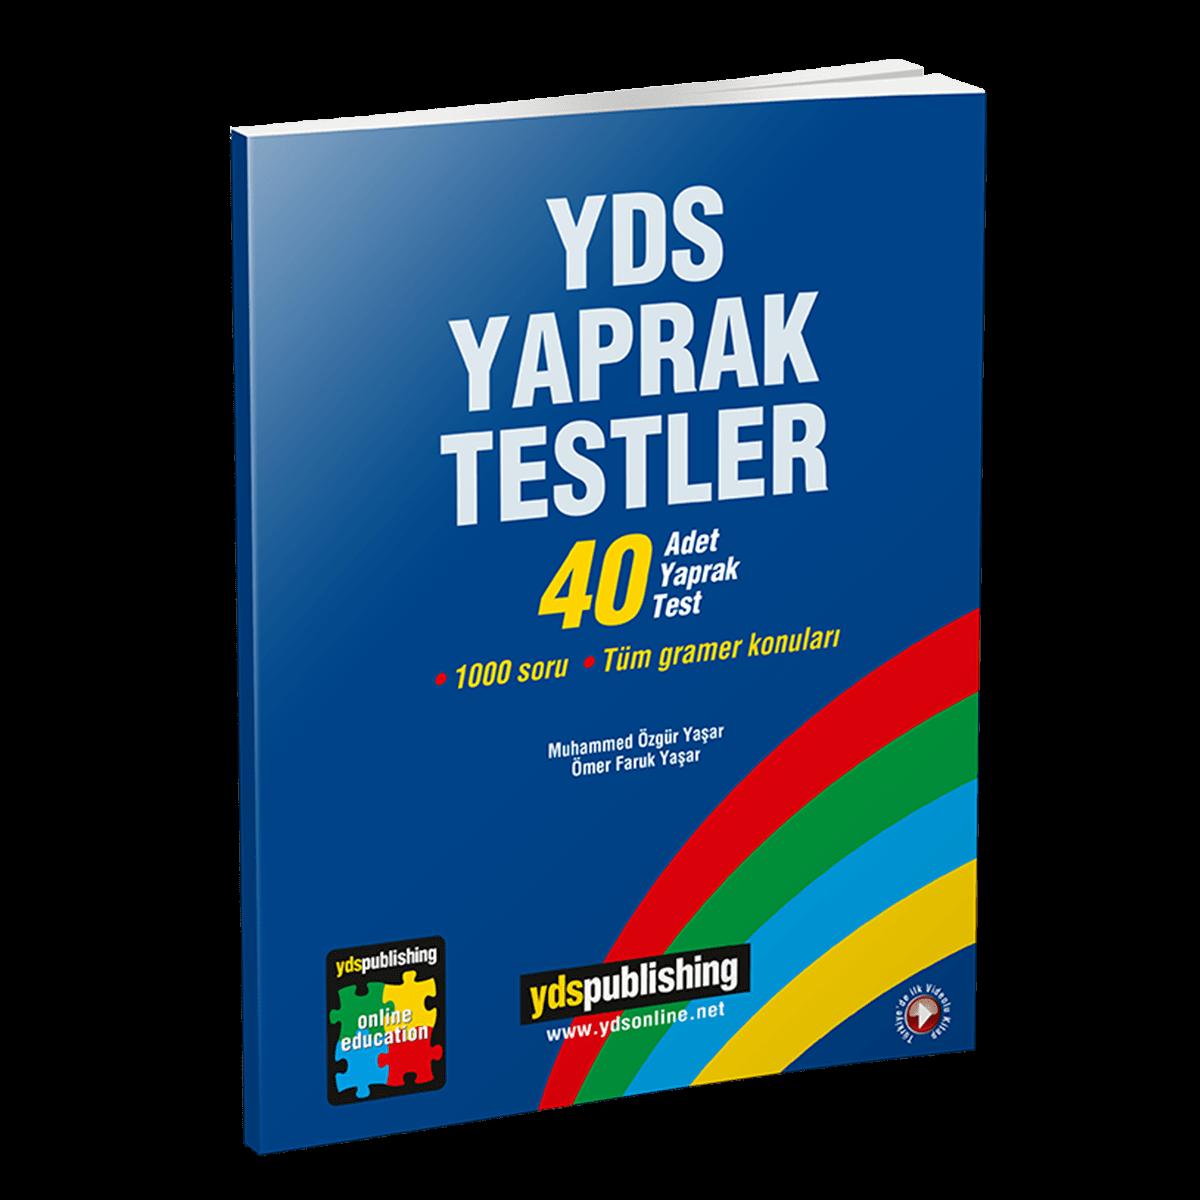 YDS Yaprak Testler yds yaprak testler - YDS Yaprak Testler – Grammar sorularından oluşan toplam 1000 soru